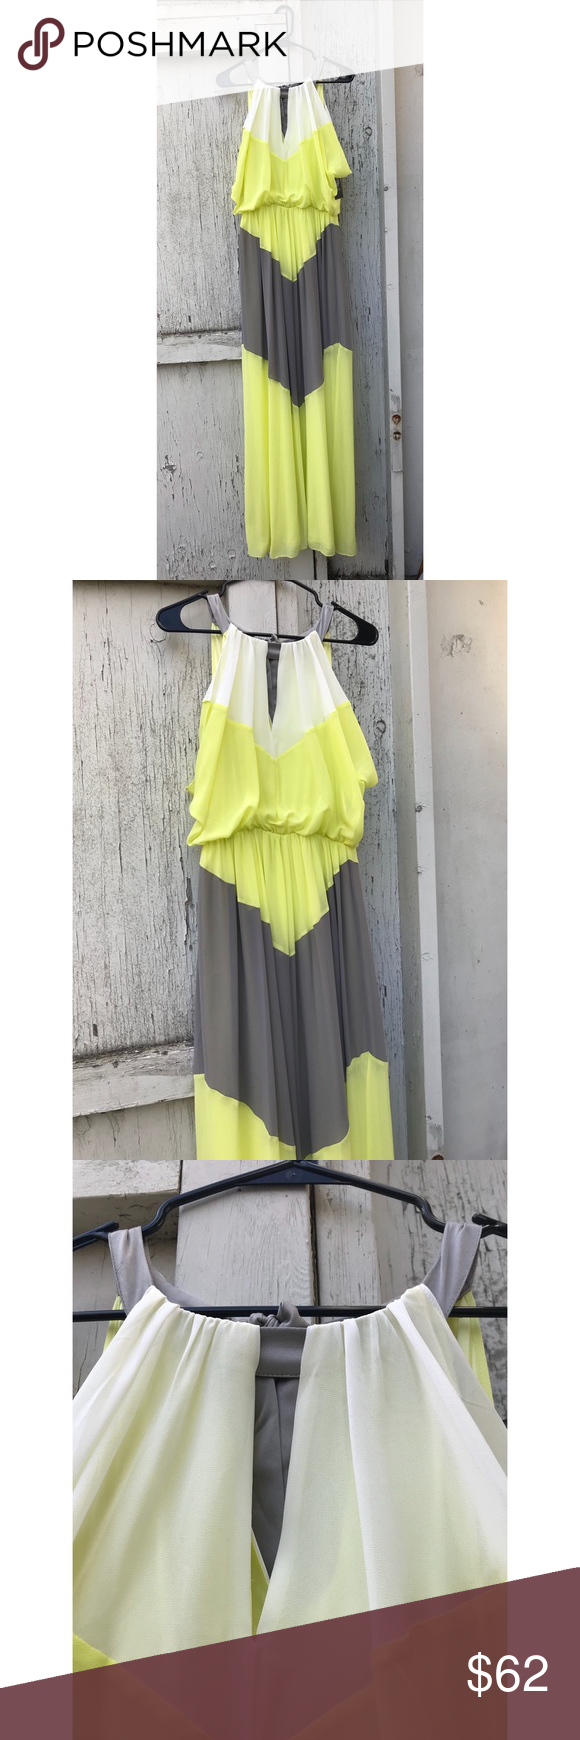 Nwt Vince Camuto Maxi Dress Size 8 Maxi Dress Dresses Maxi [ 1740 x 580 Pixel ]